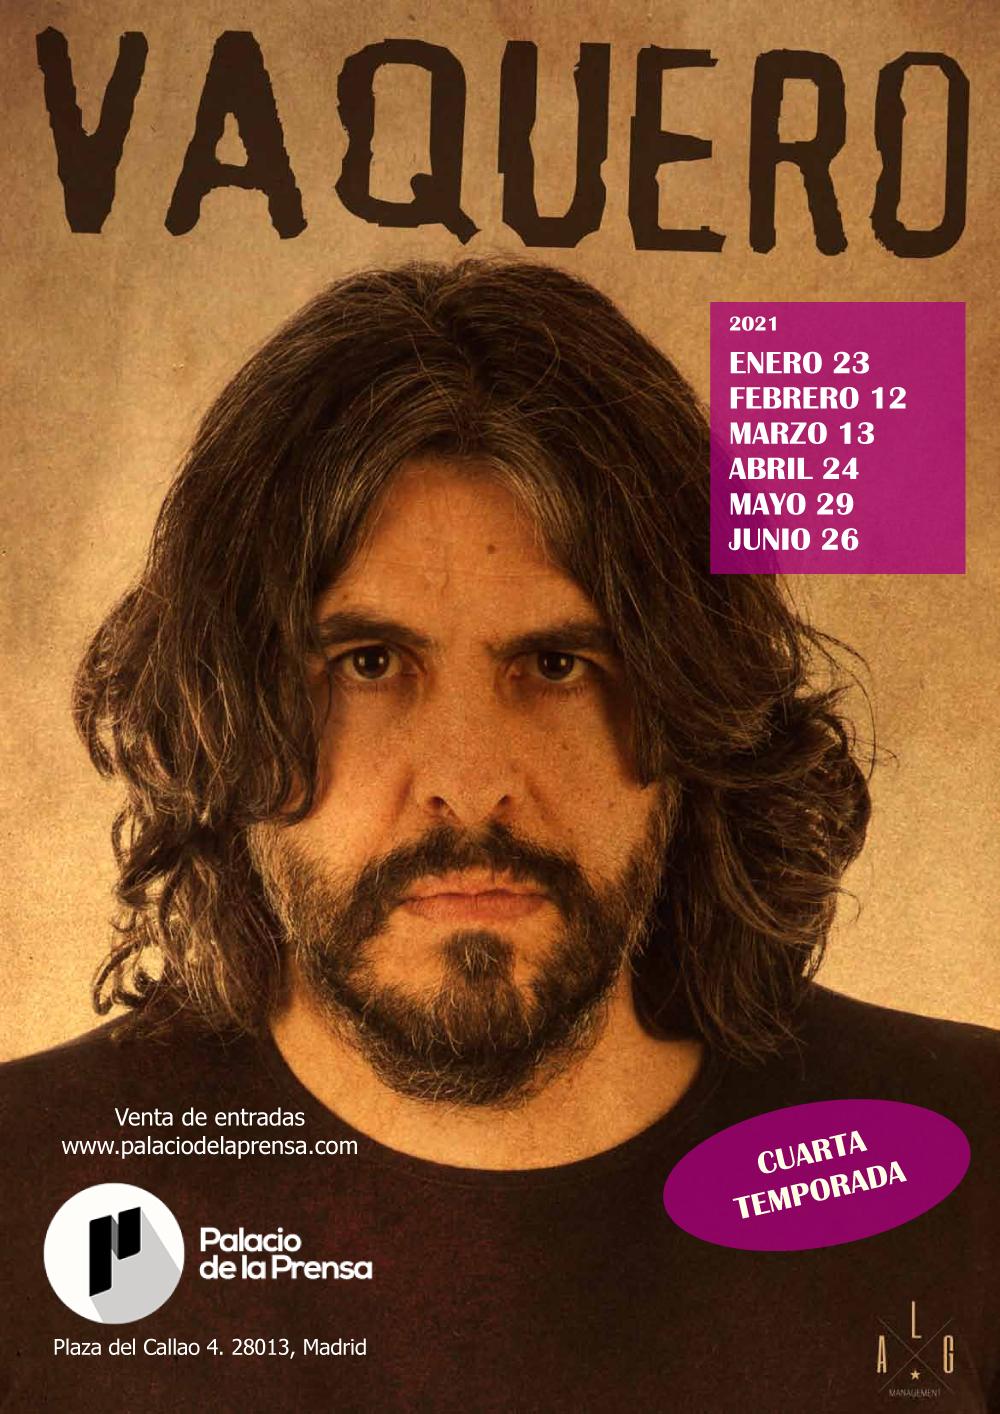 Cuarta temporada de J.J. Vaquero en El Palacio de la Prensa